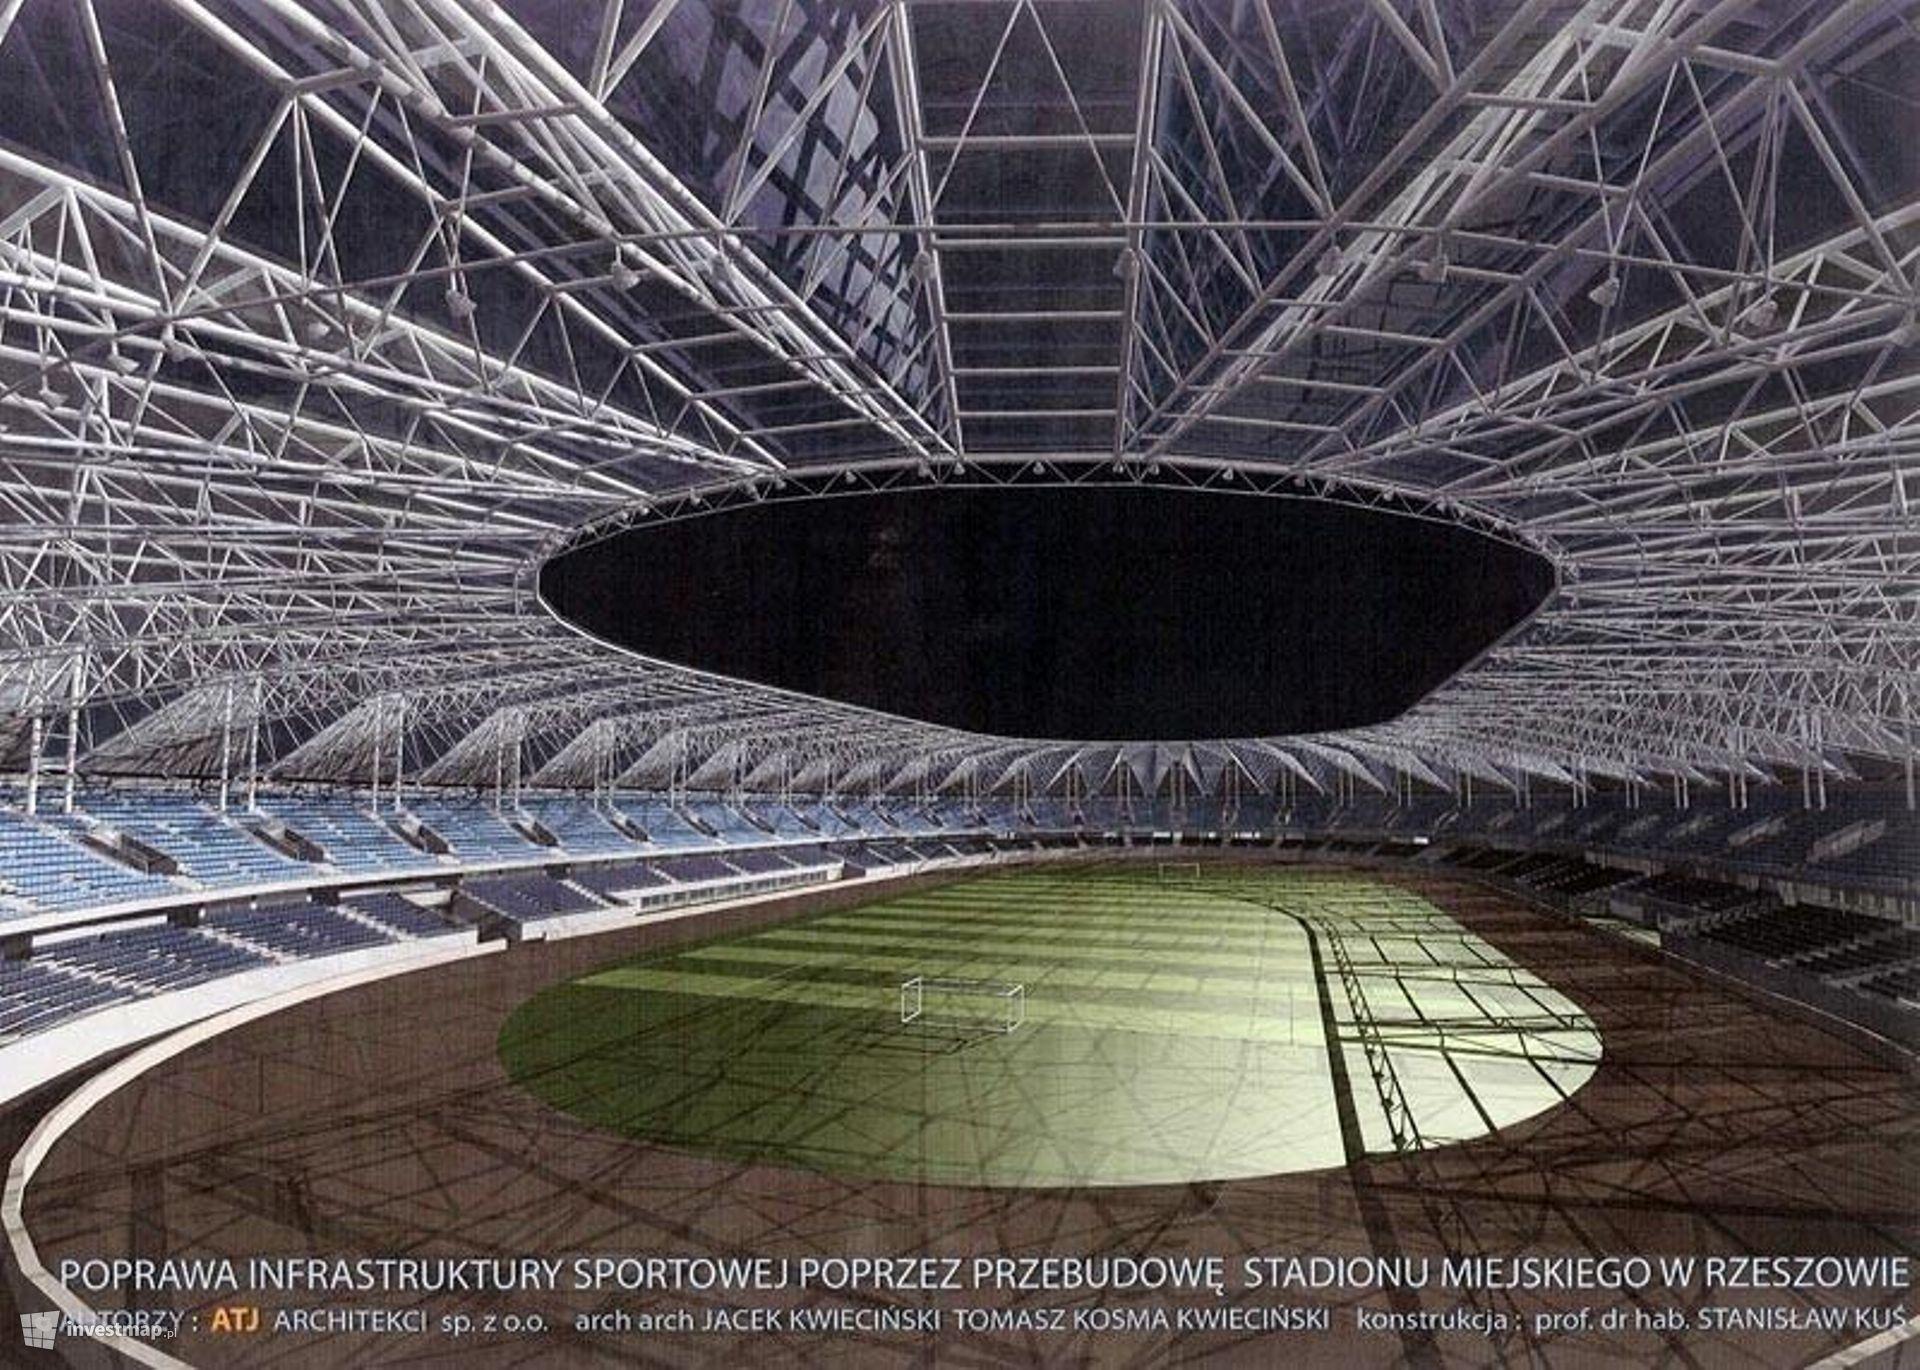 Stadion żużlowy Stal Rzeszów (Stadion Miejski)